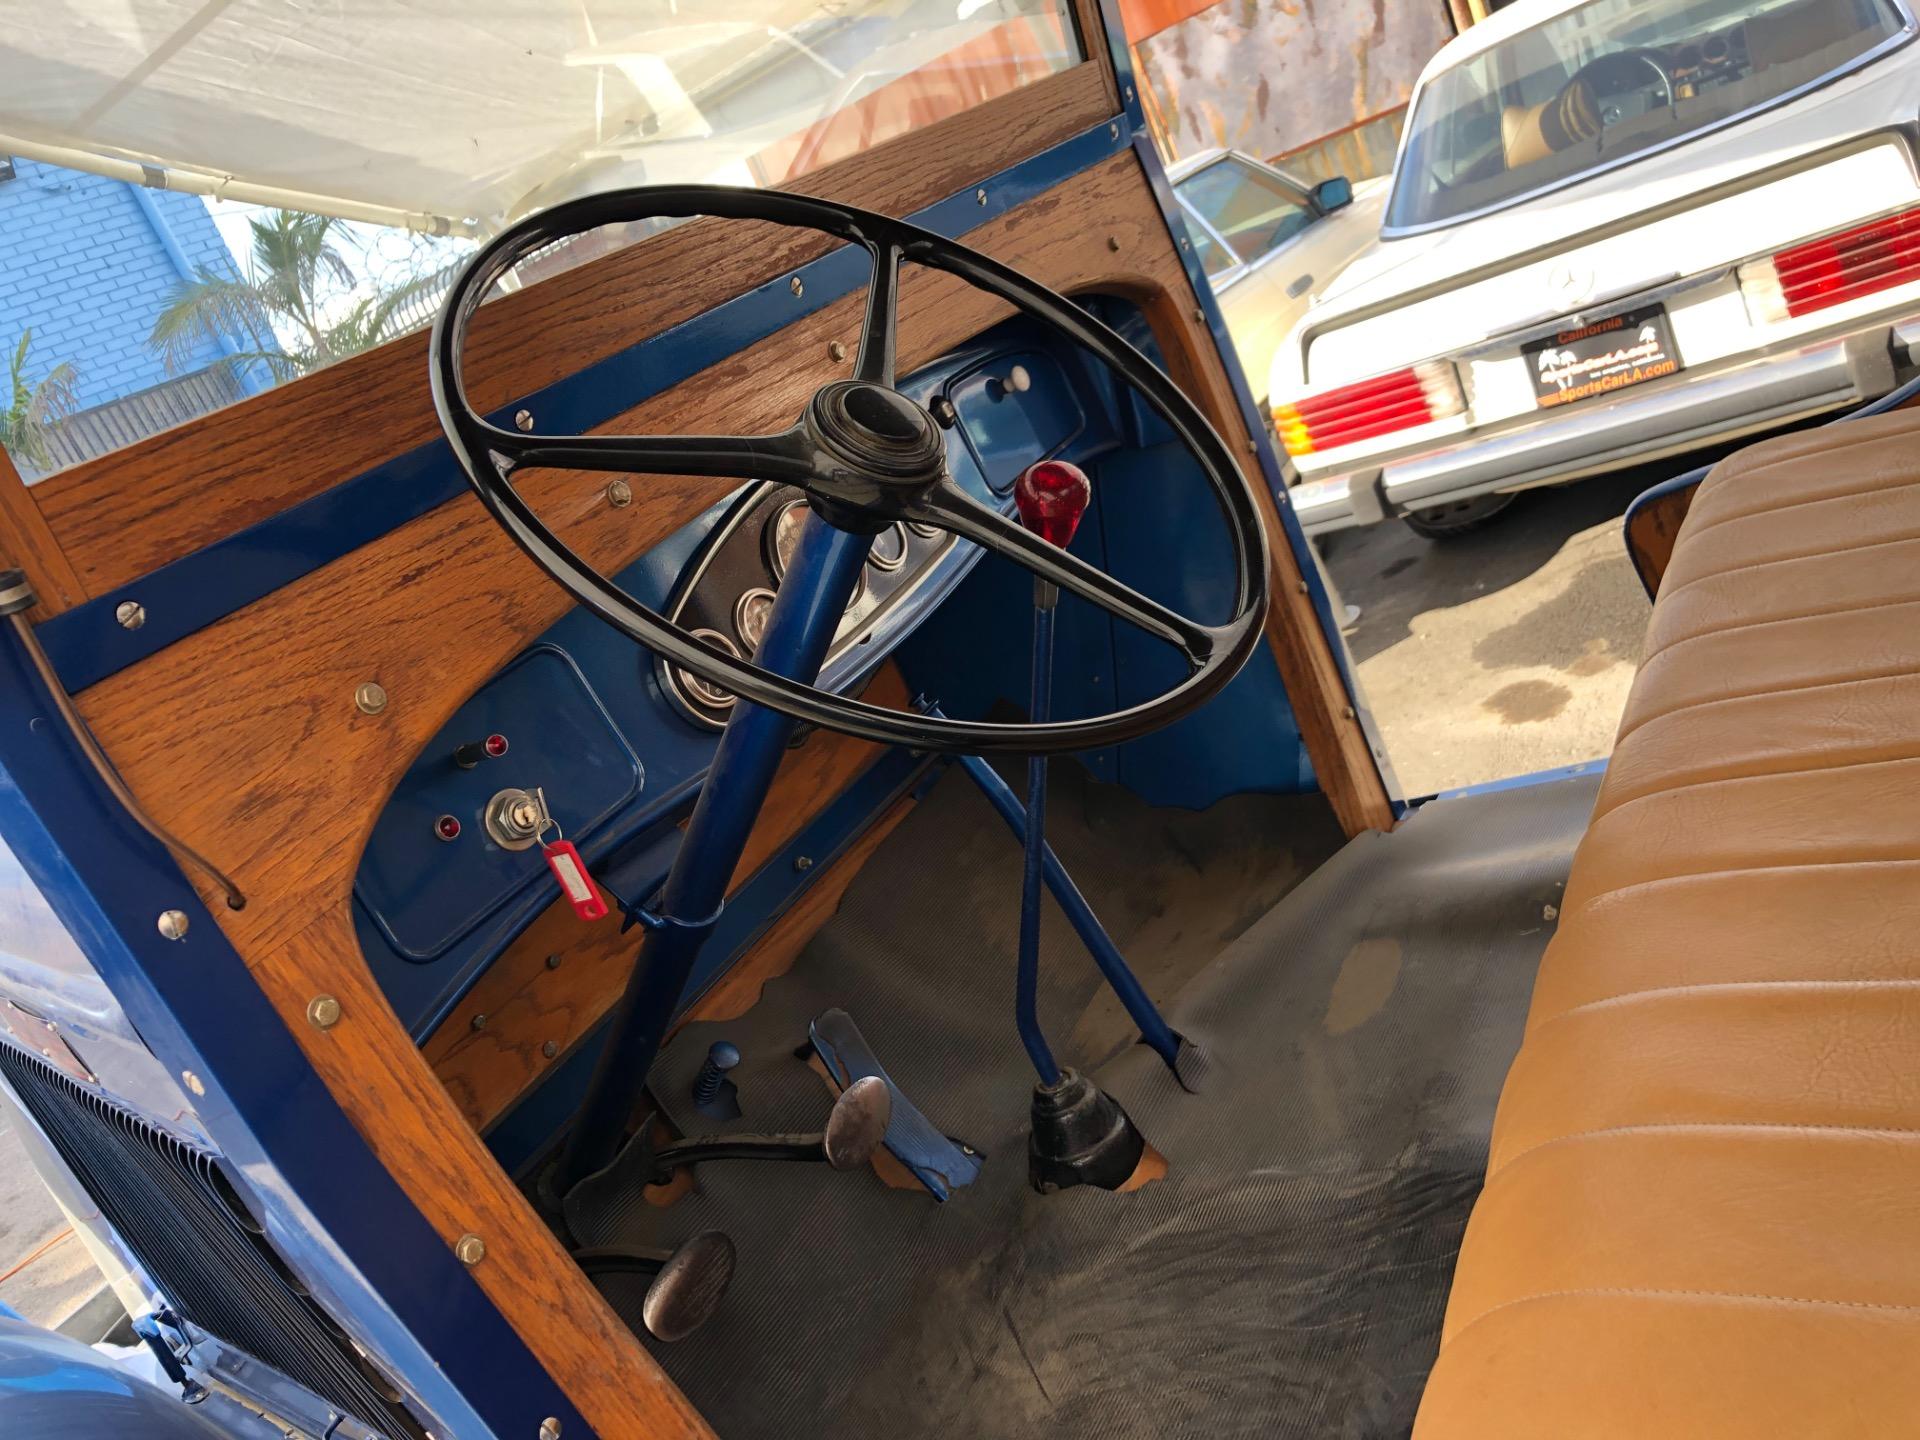 Used 1935 Dodge KH 31 1 Ton